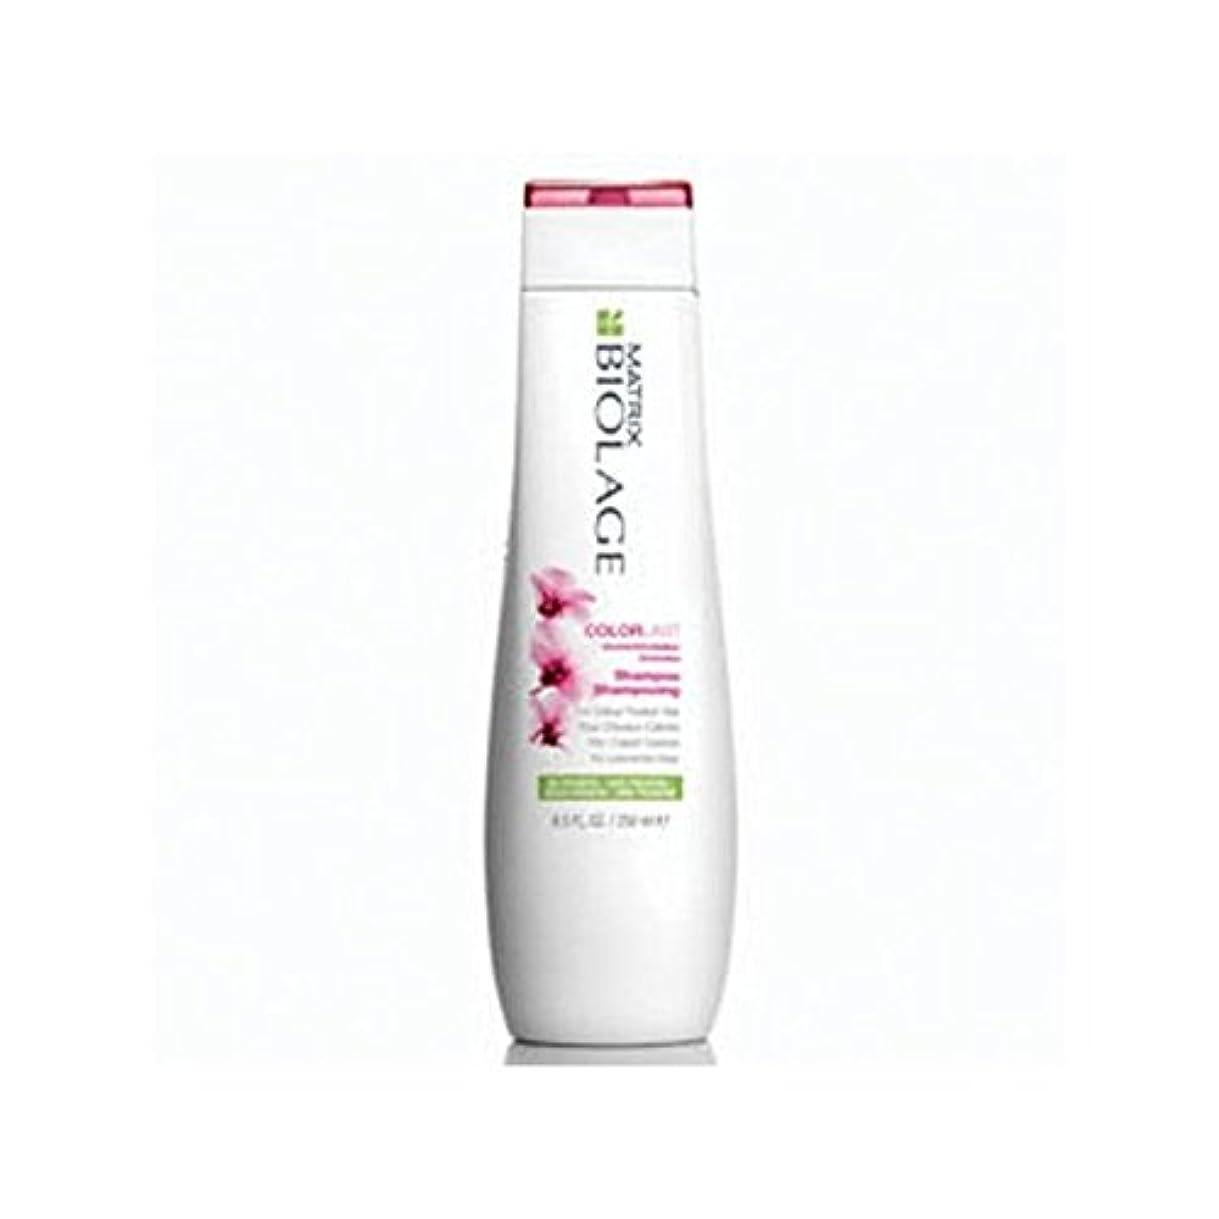 入札死にかけている傘Matrix Biolage Colorlast Shampoo (250ml) (Pack of 6) - マトリックスバイオレイジのシャンプー(250ミリリットル) x6 [並行輸入品]